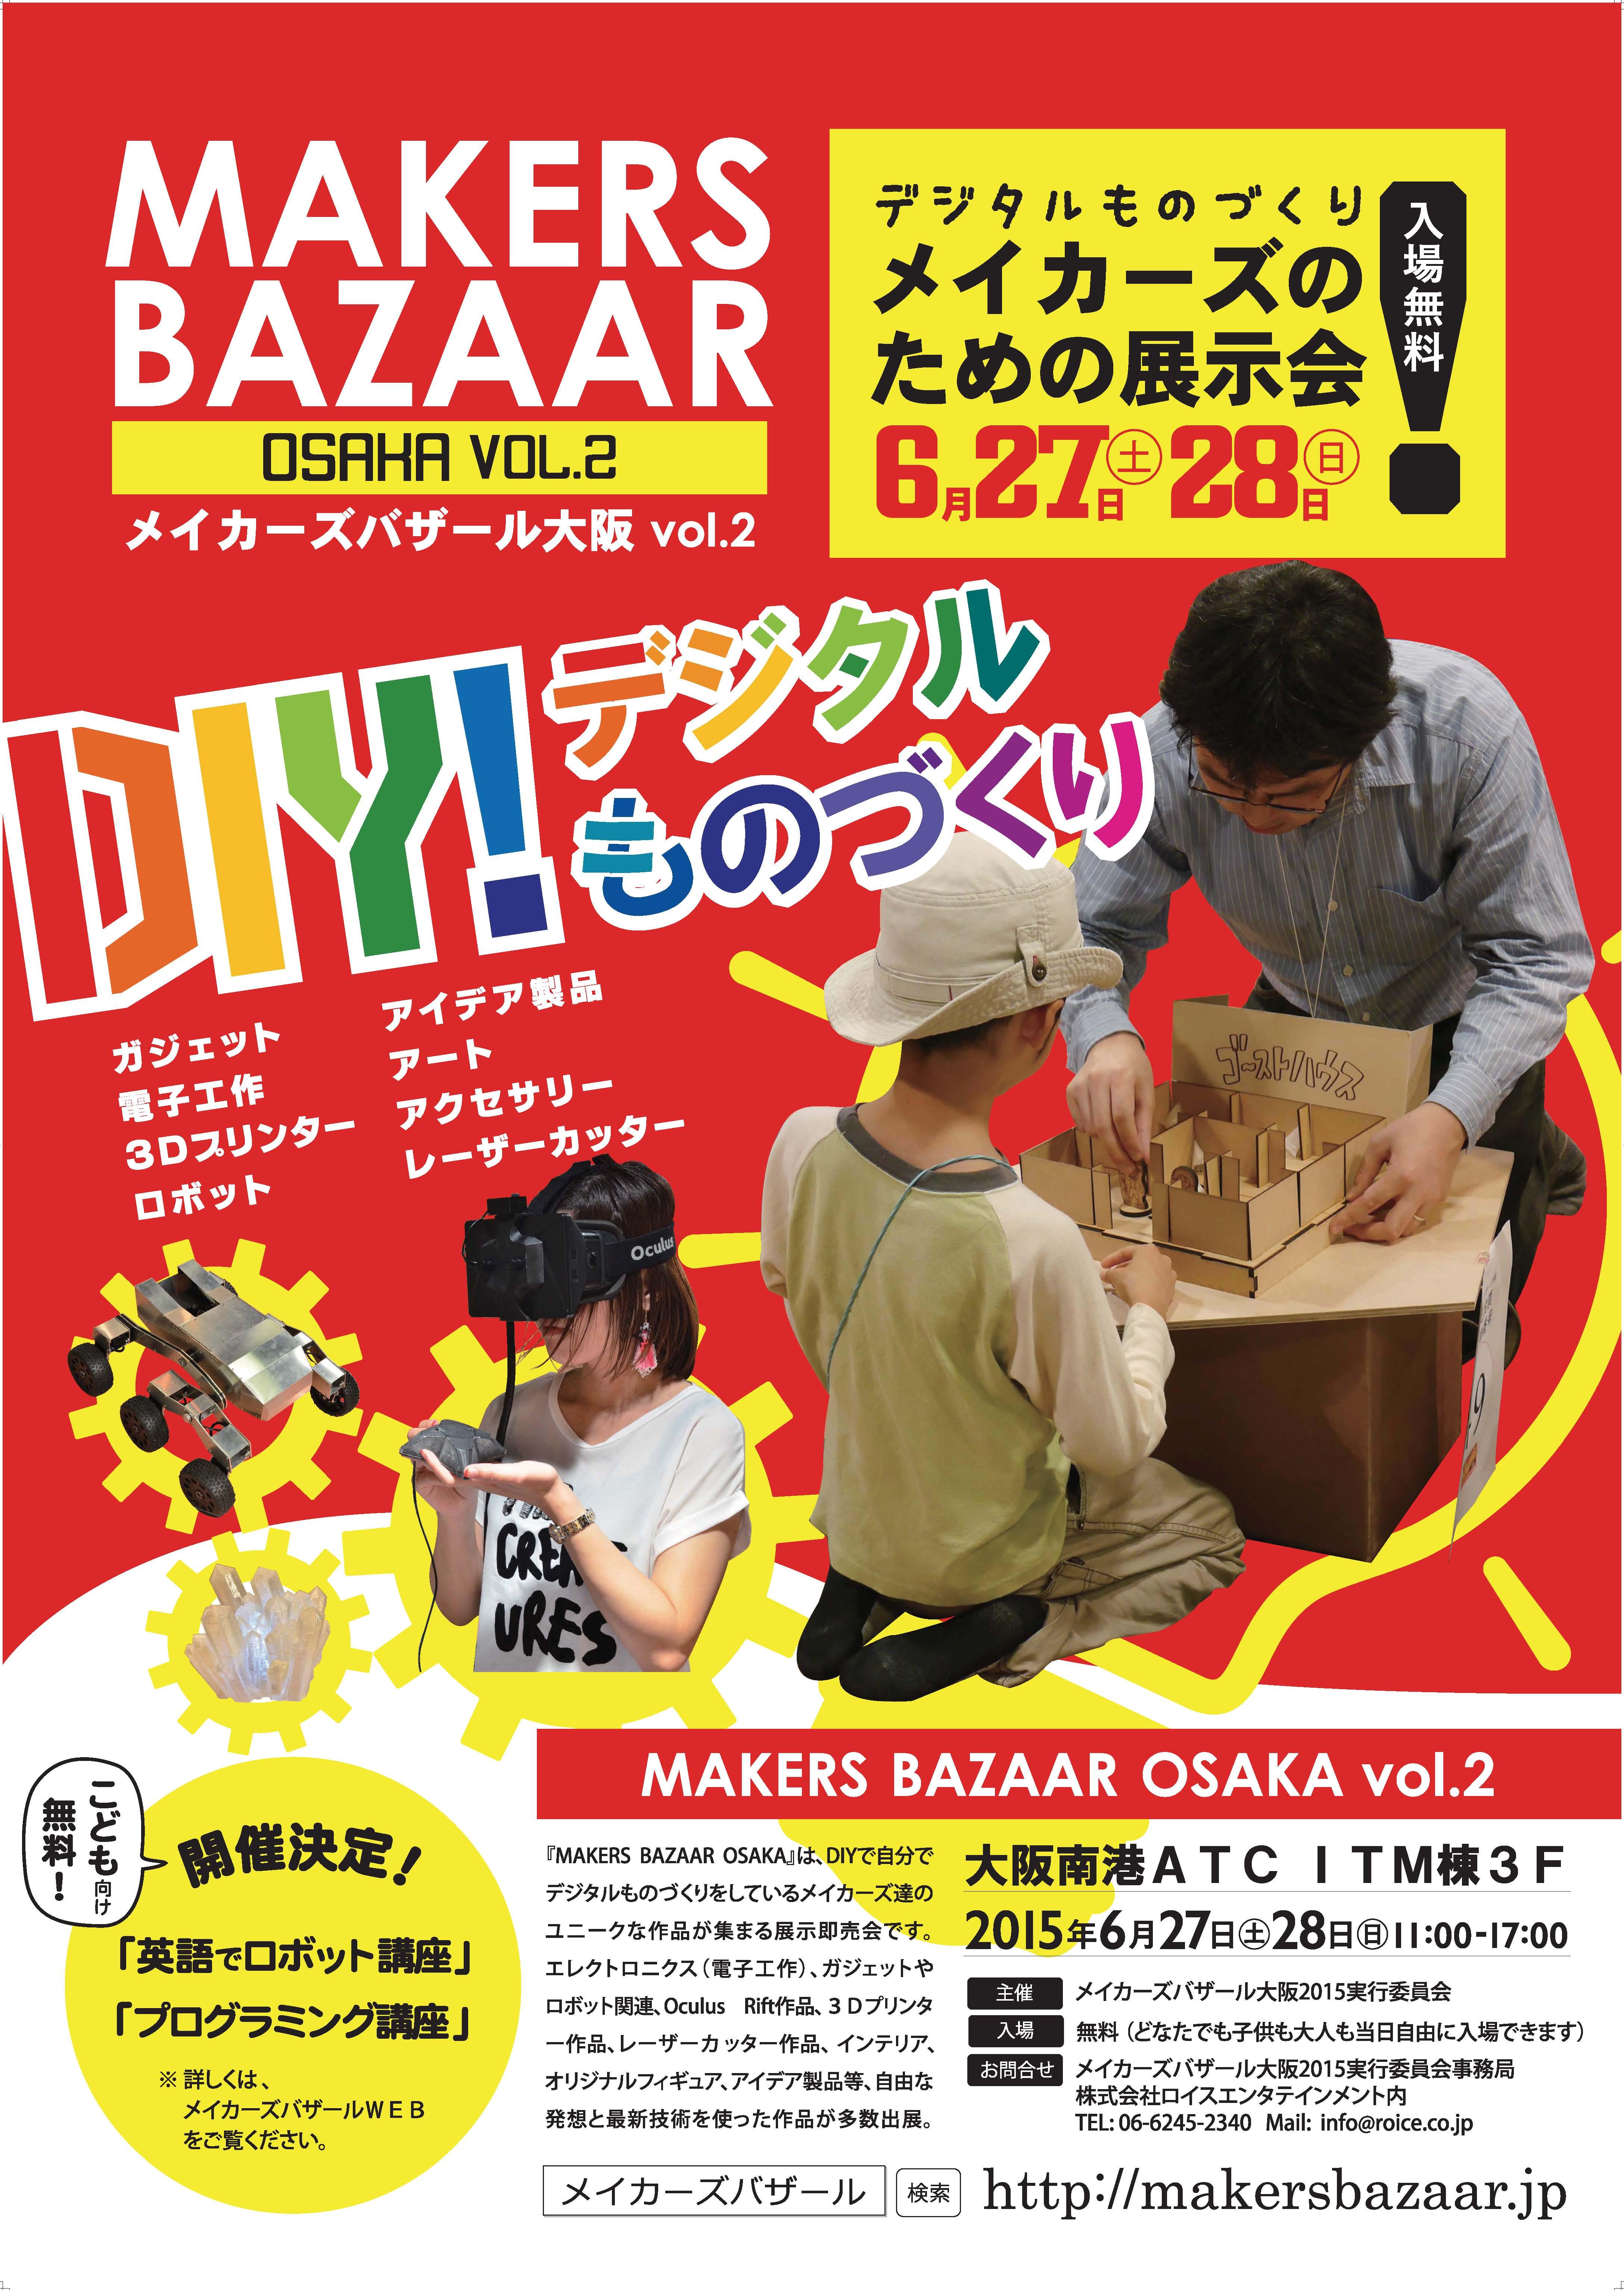 メイカーズバザール大阪vol.2 チラシ